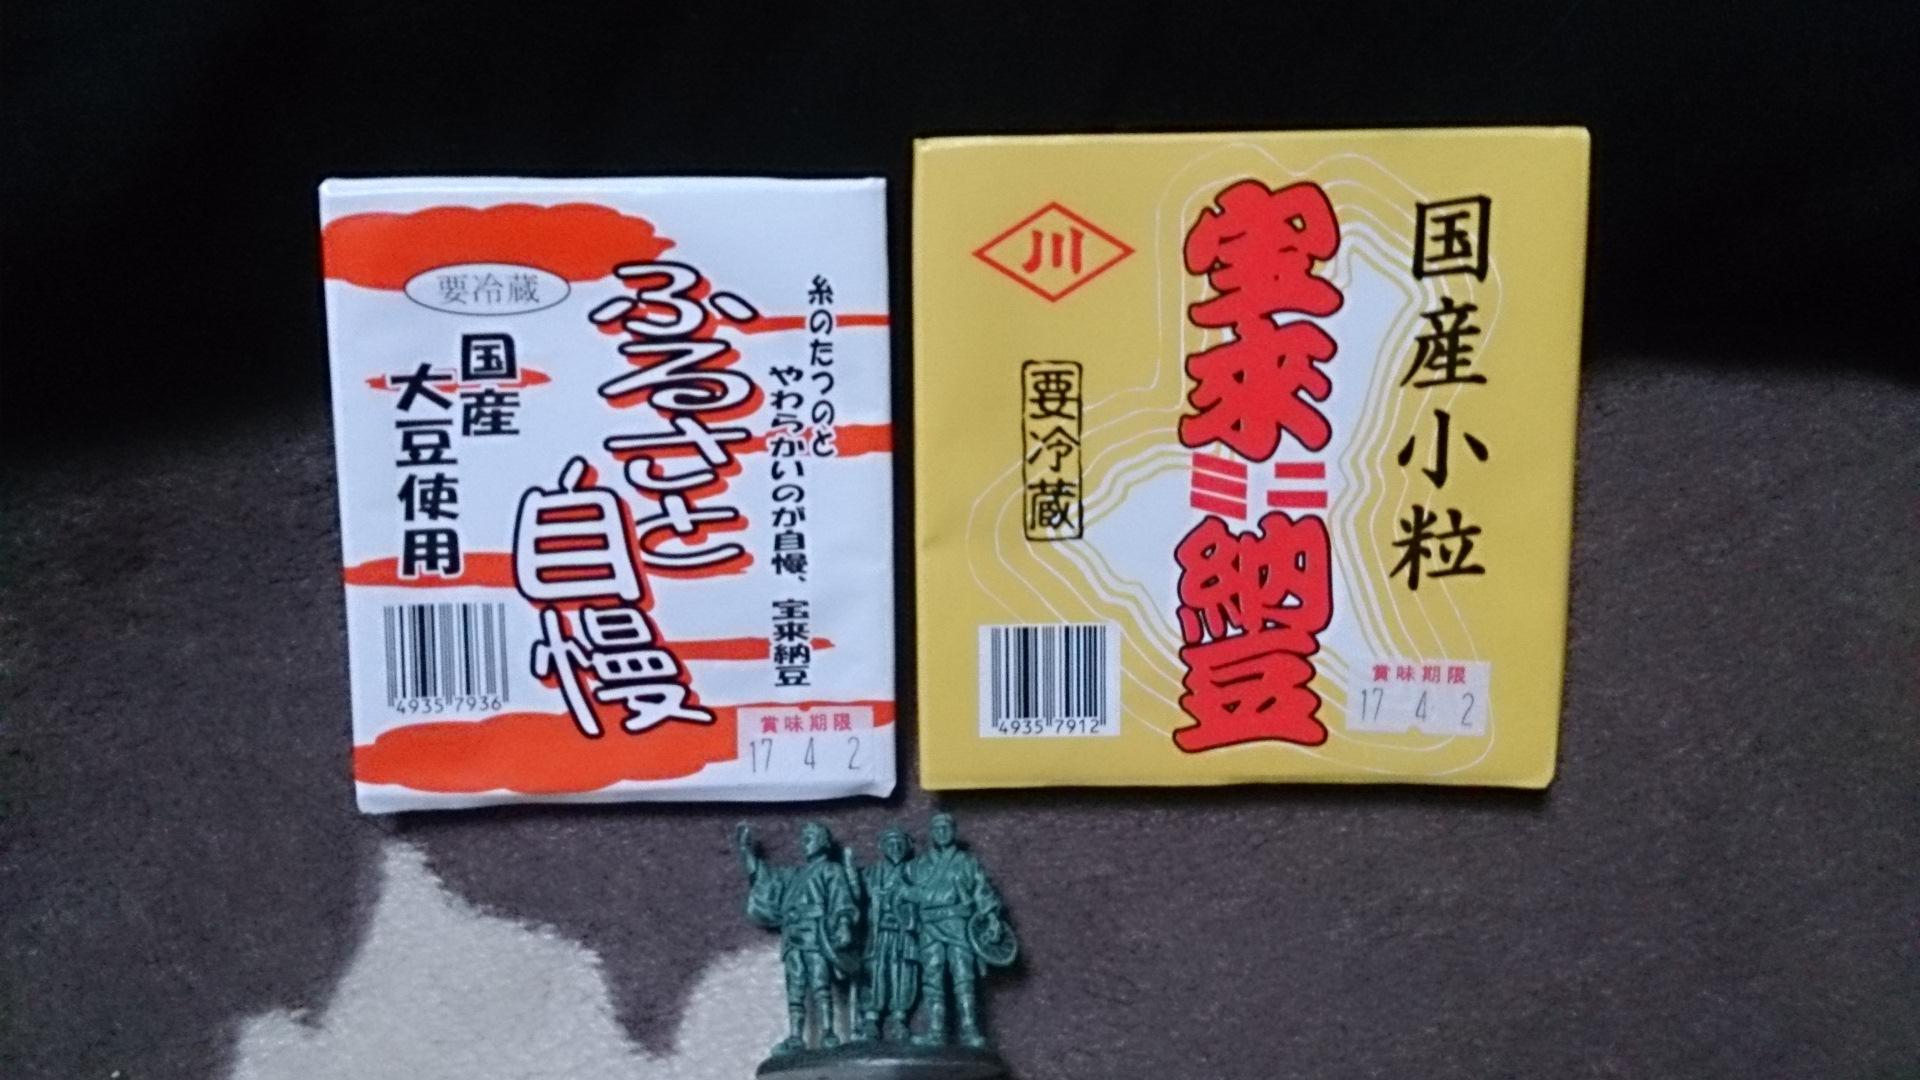 宝来 森田利雄商店 name=